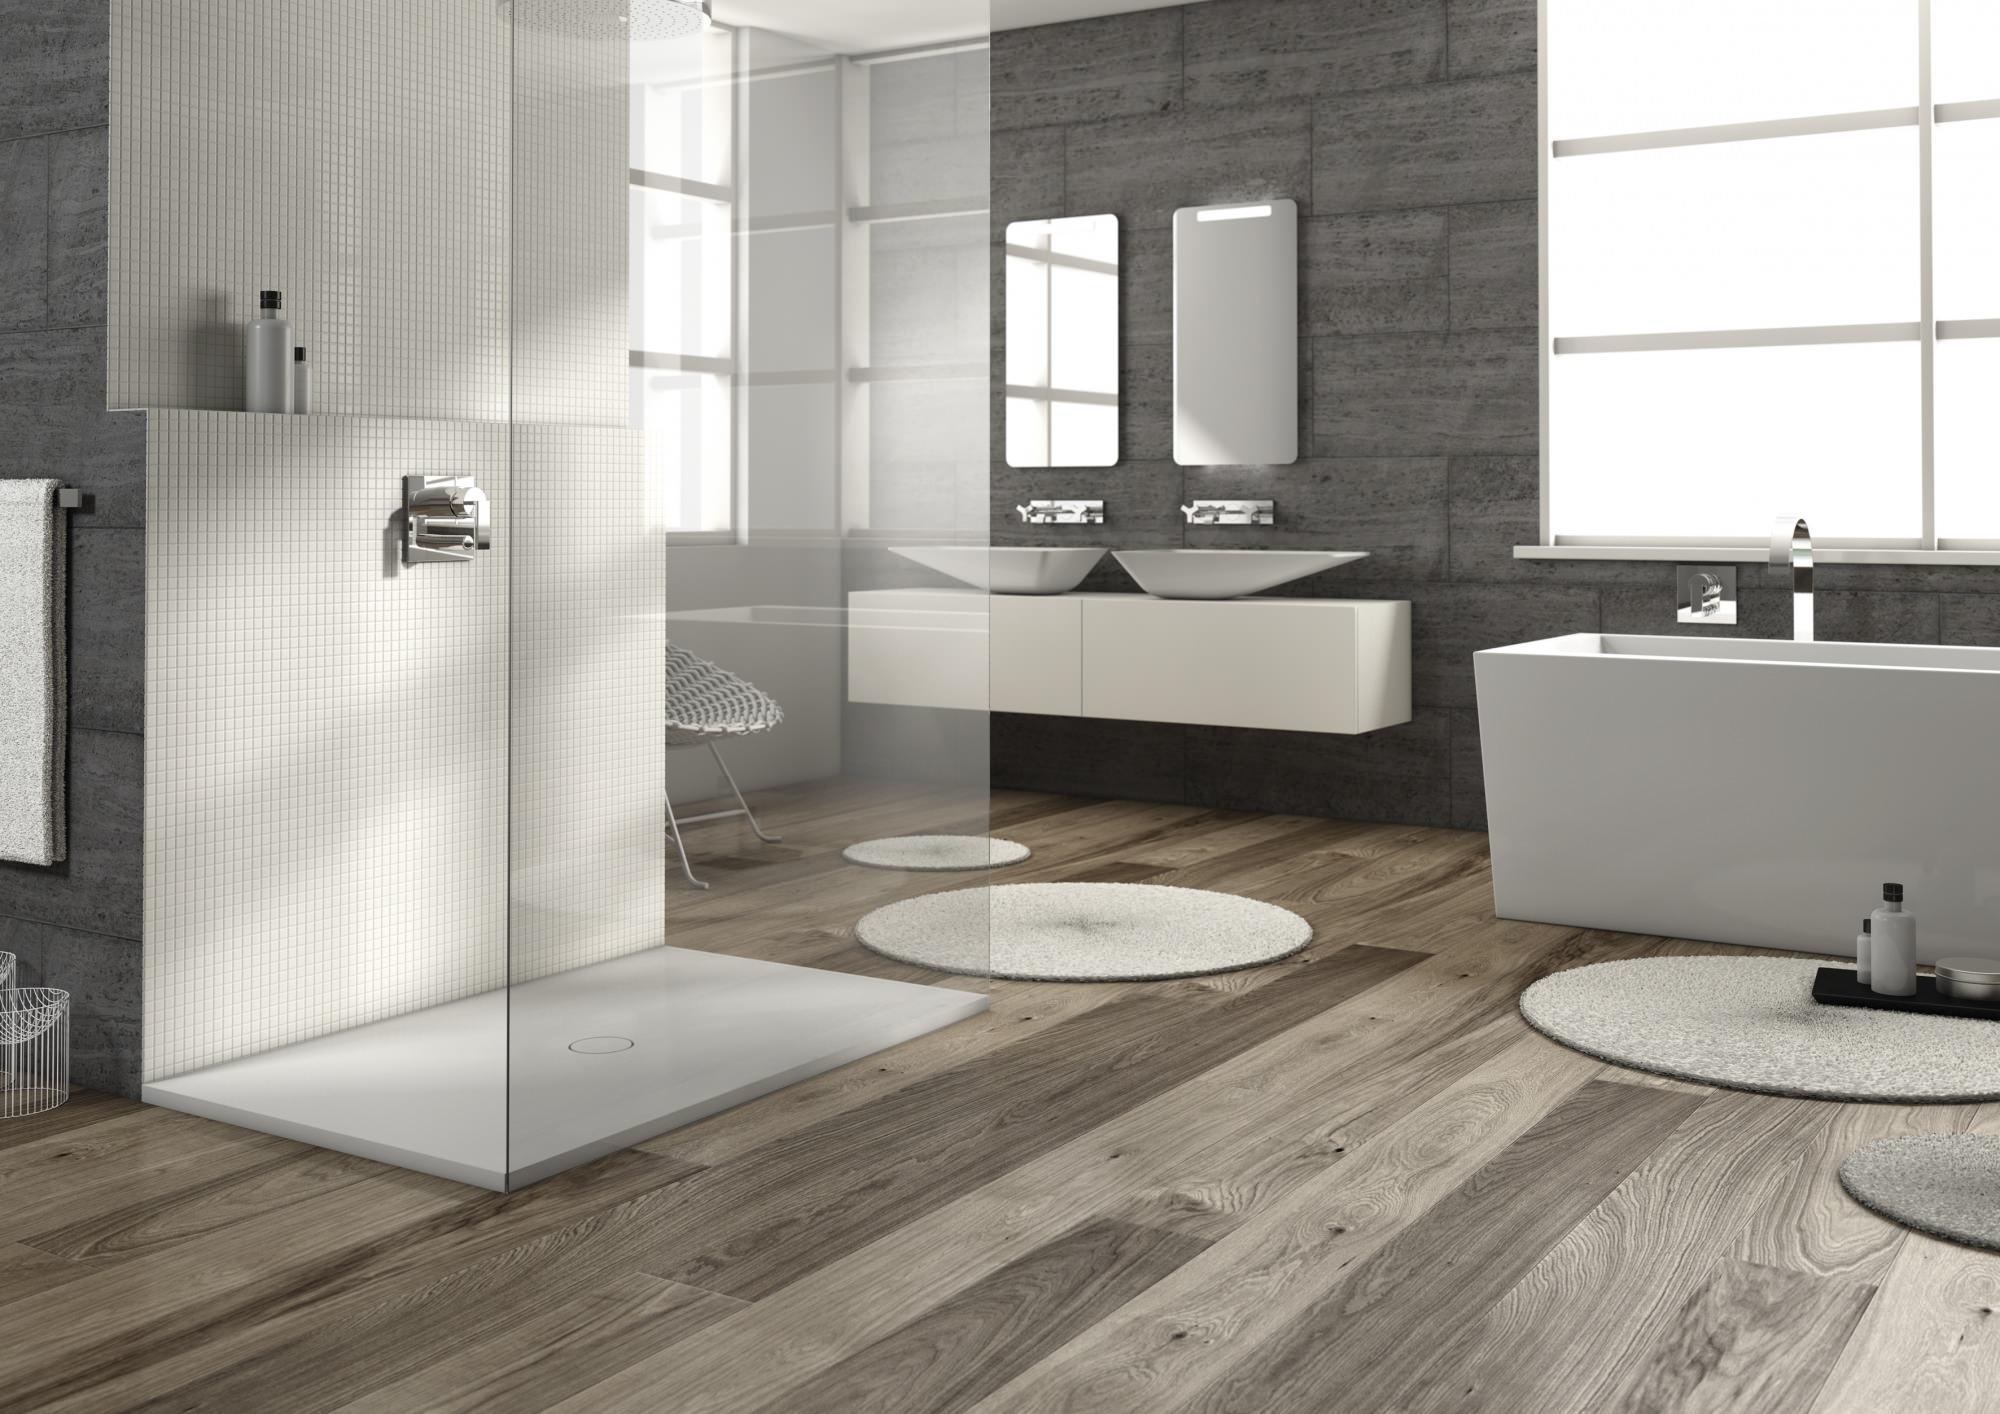 Casa immobiliare accessori costo piatto doccia - Costo sostituzione piatto doccia ...